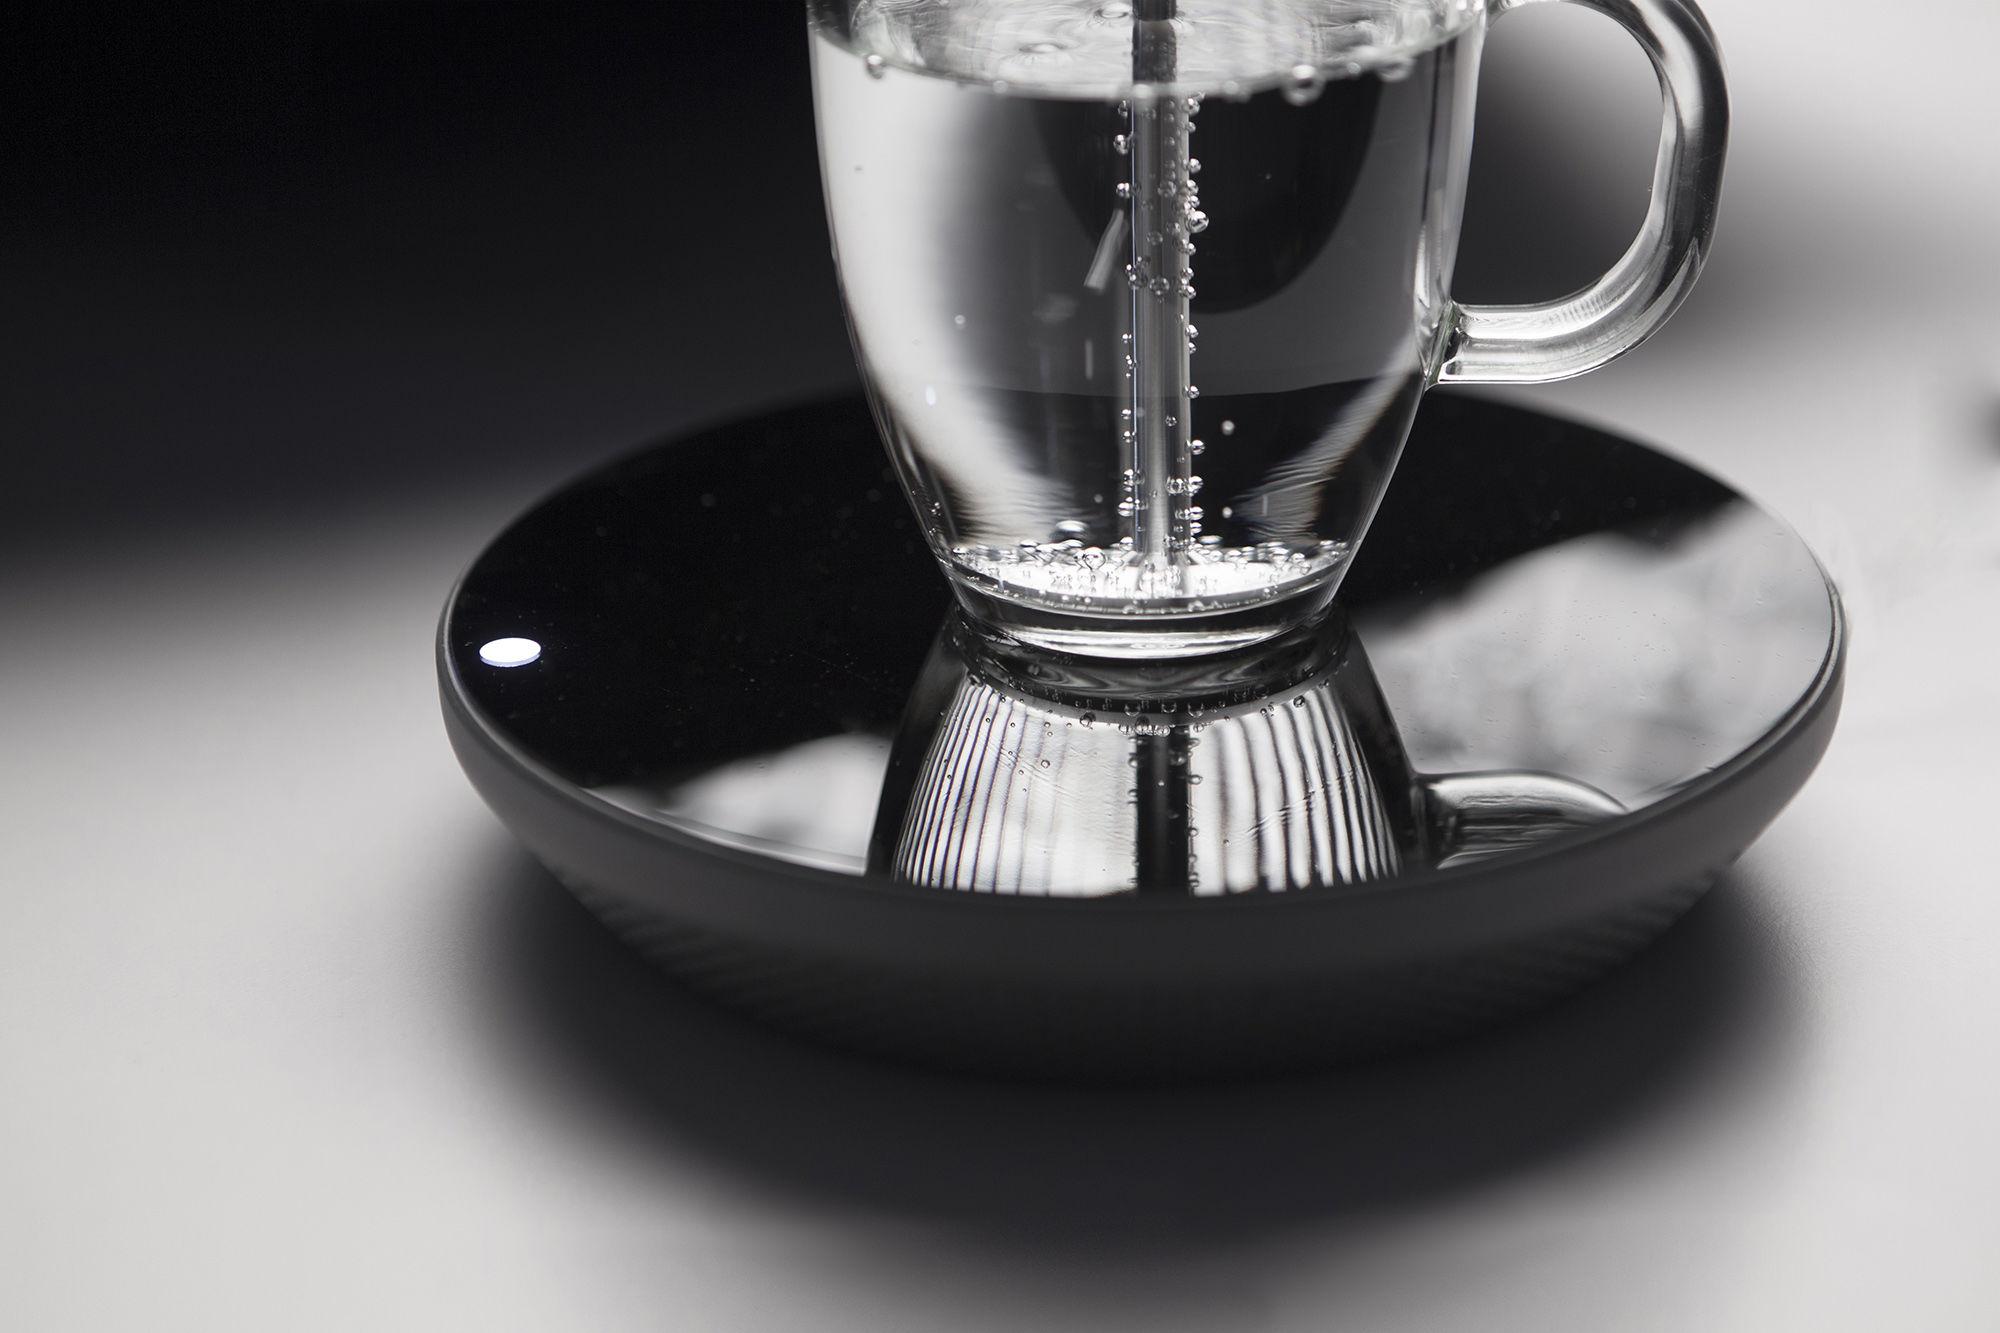 コップ1杯でもOK。必要な分だけお湯を沸かせるスマートな湯沸し器